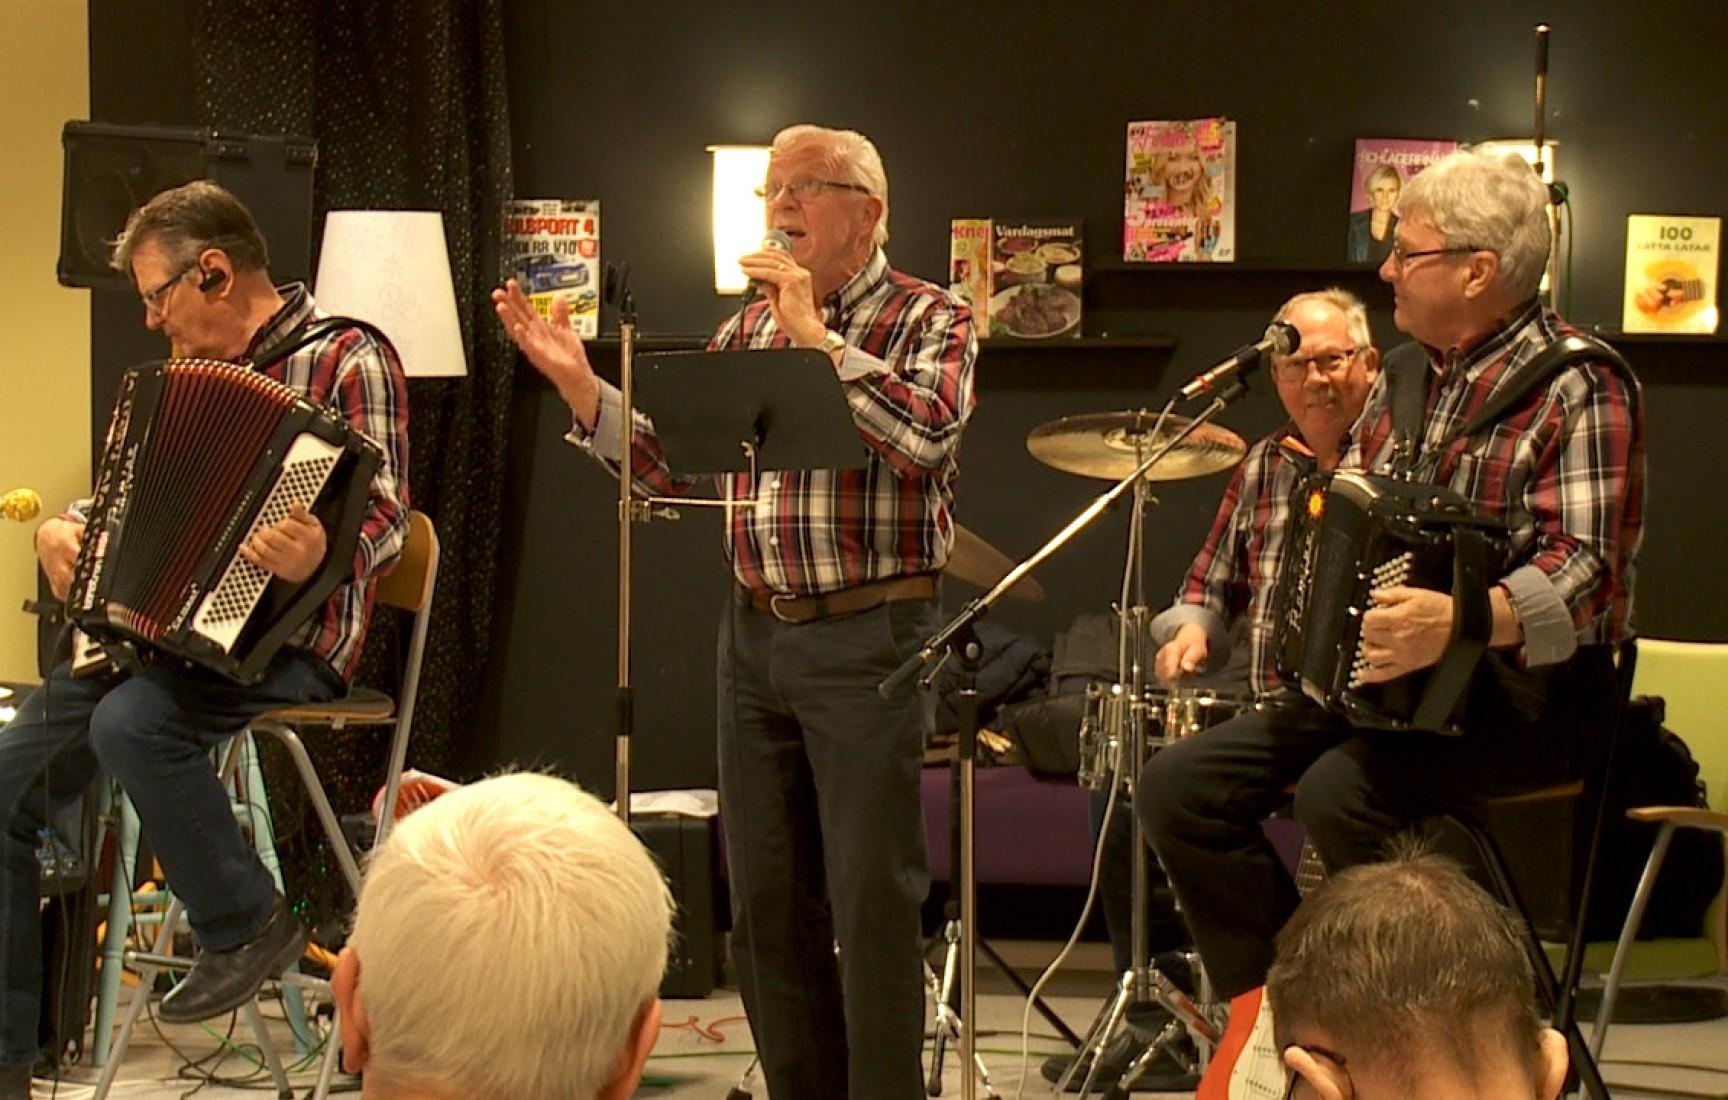 Musikkväll på Kupan i Karlstad